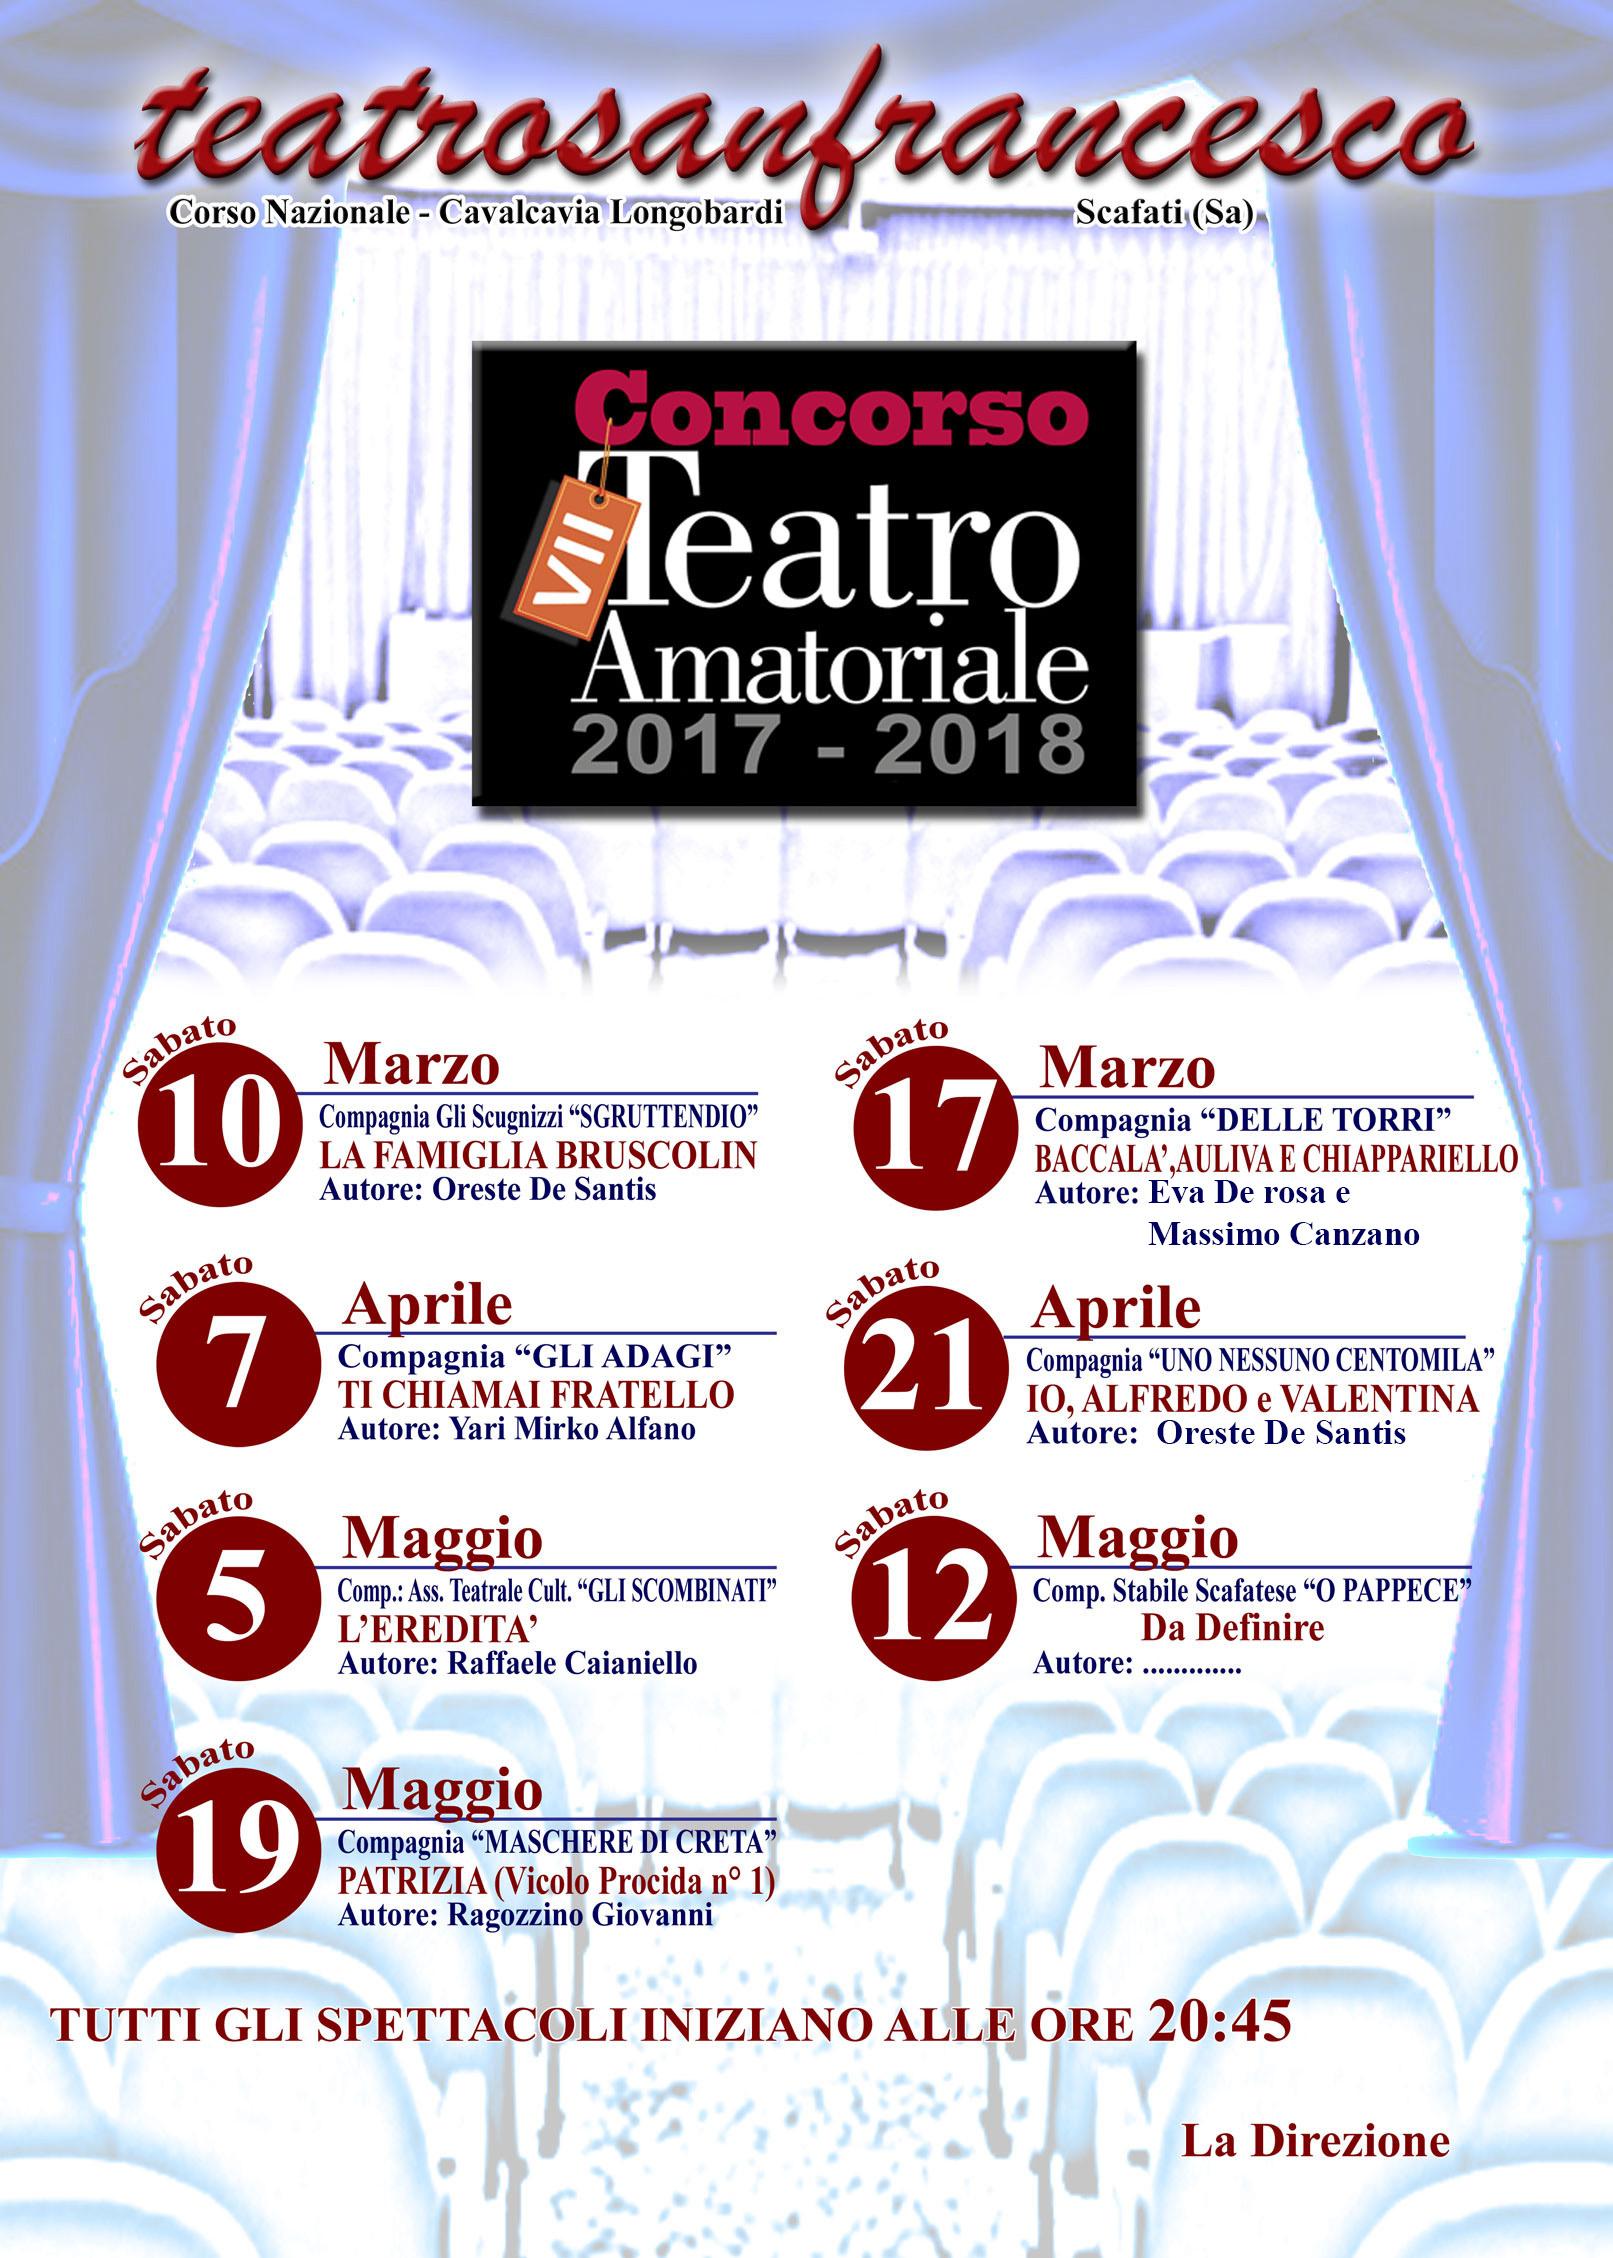 Teatro-Amatoriale-2018